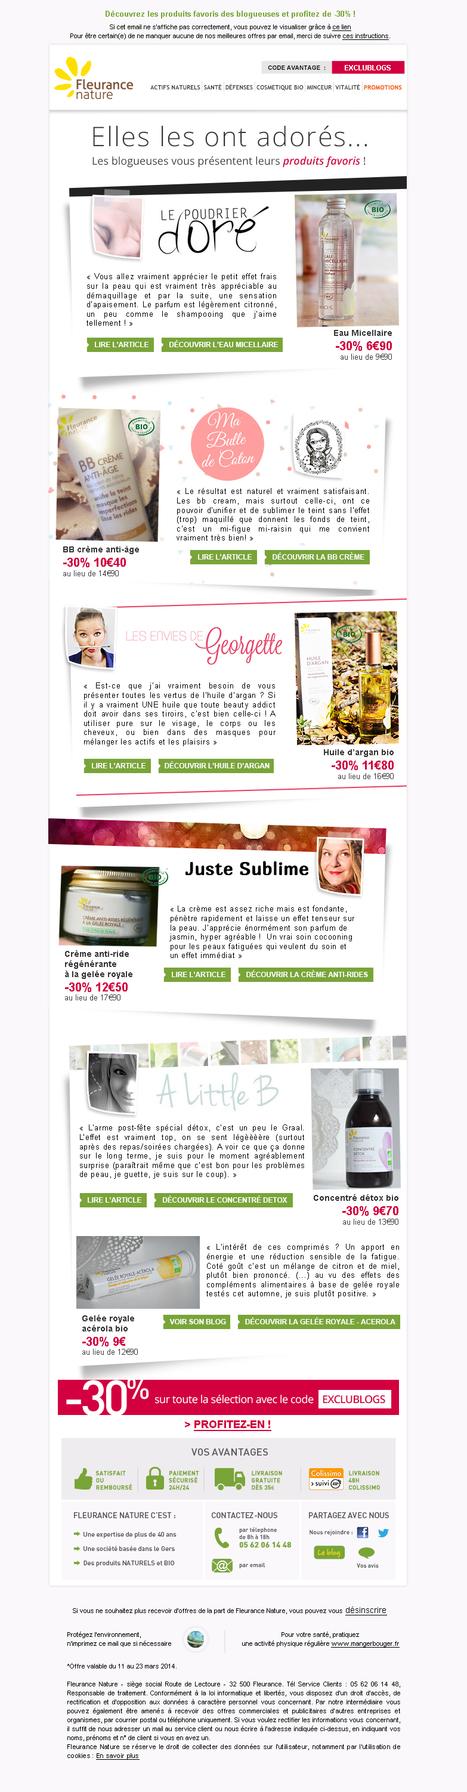 Newsletter Fleurance Nature : Ouvrez, vous aussi vous allez adorer | Revue de Presse Les Envies de Georgette | Scoop.it